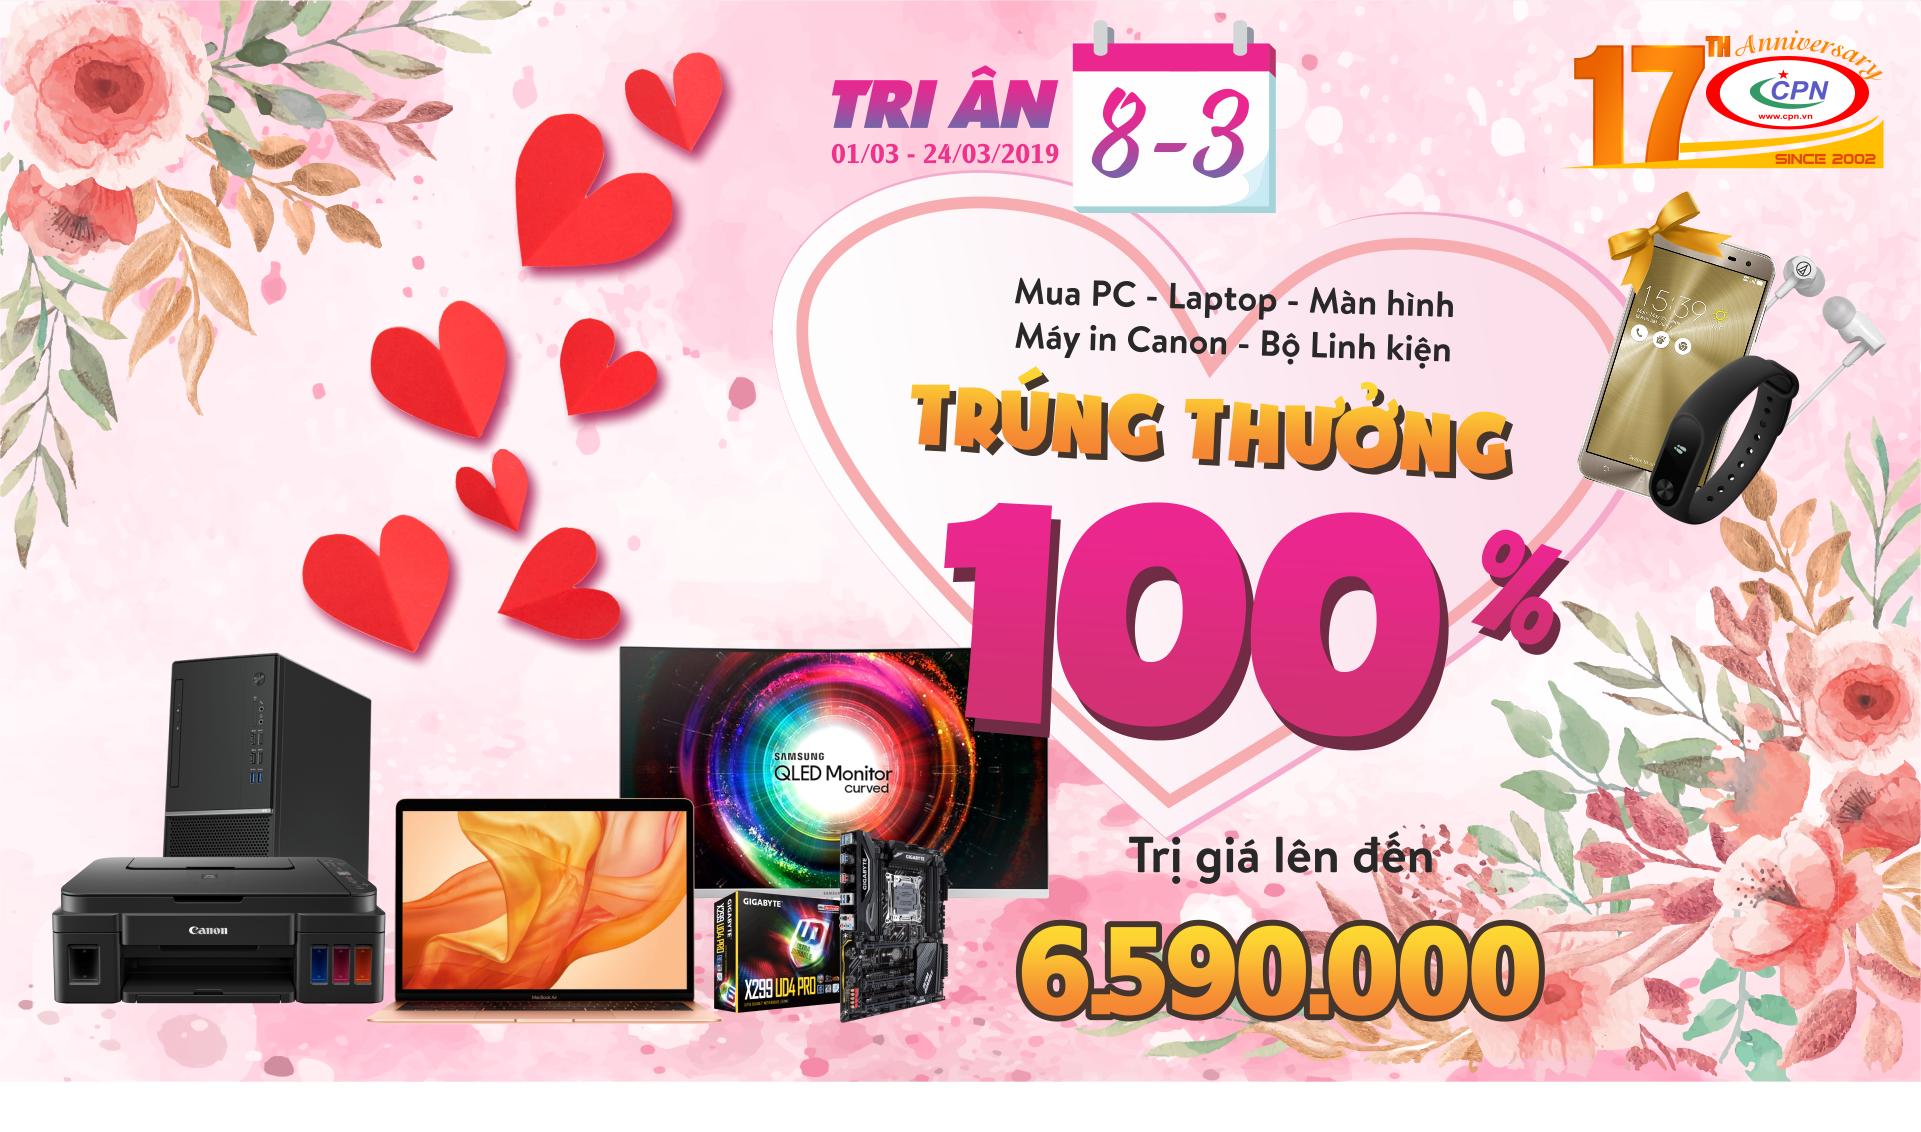 boc-tham-100it-032019-web.png